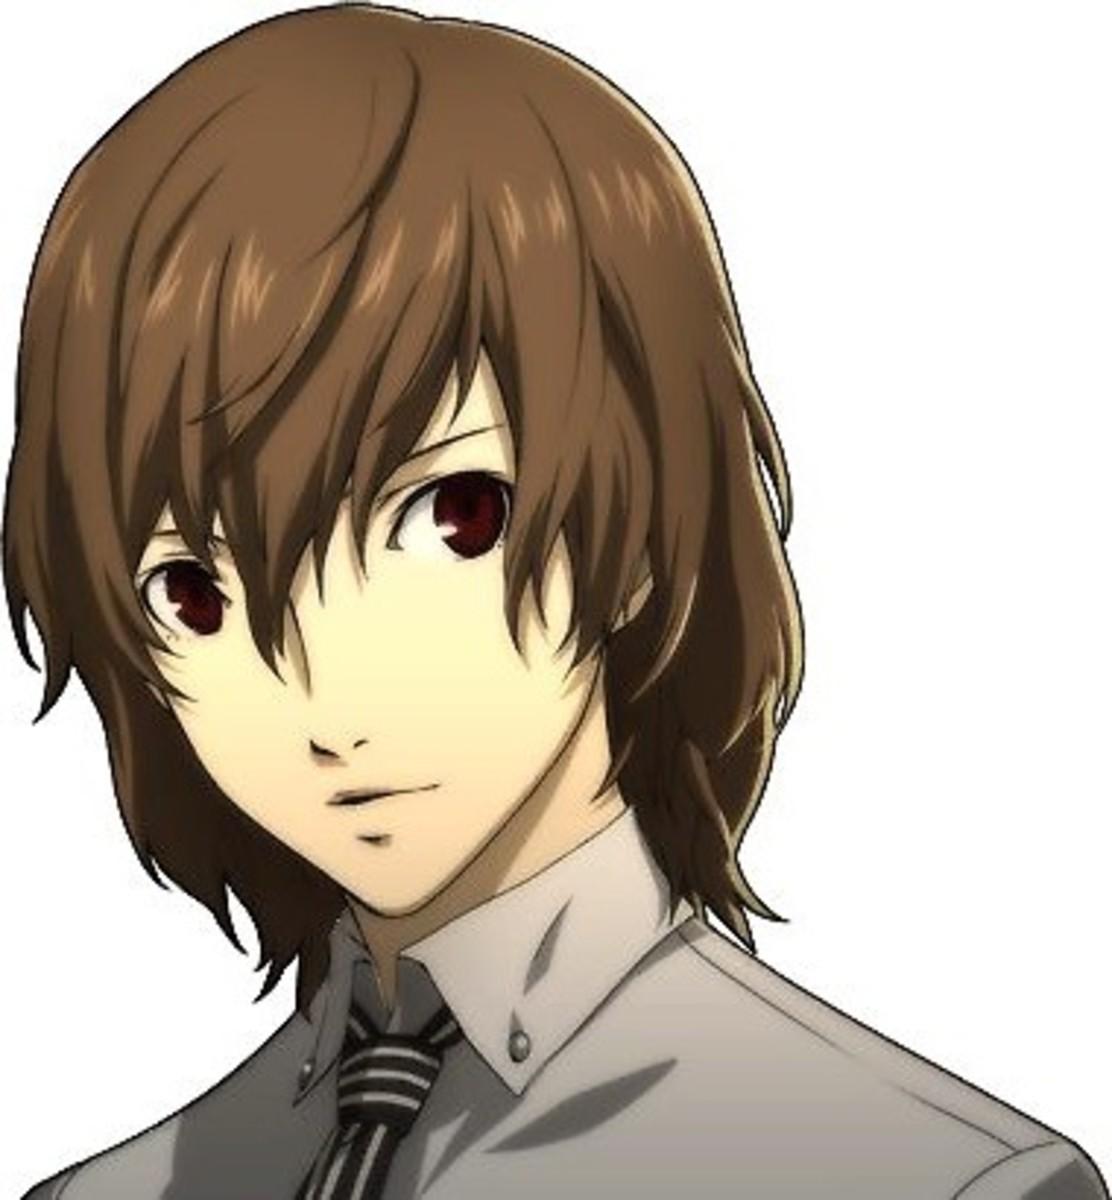 Goro Akechi in Persona 5